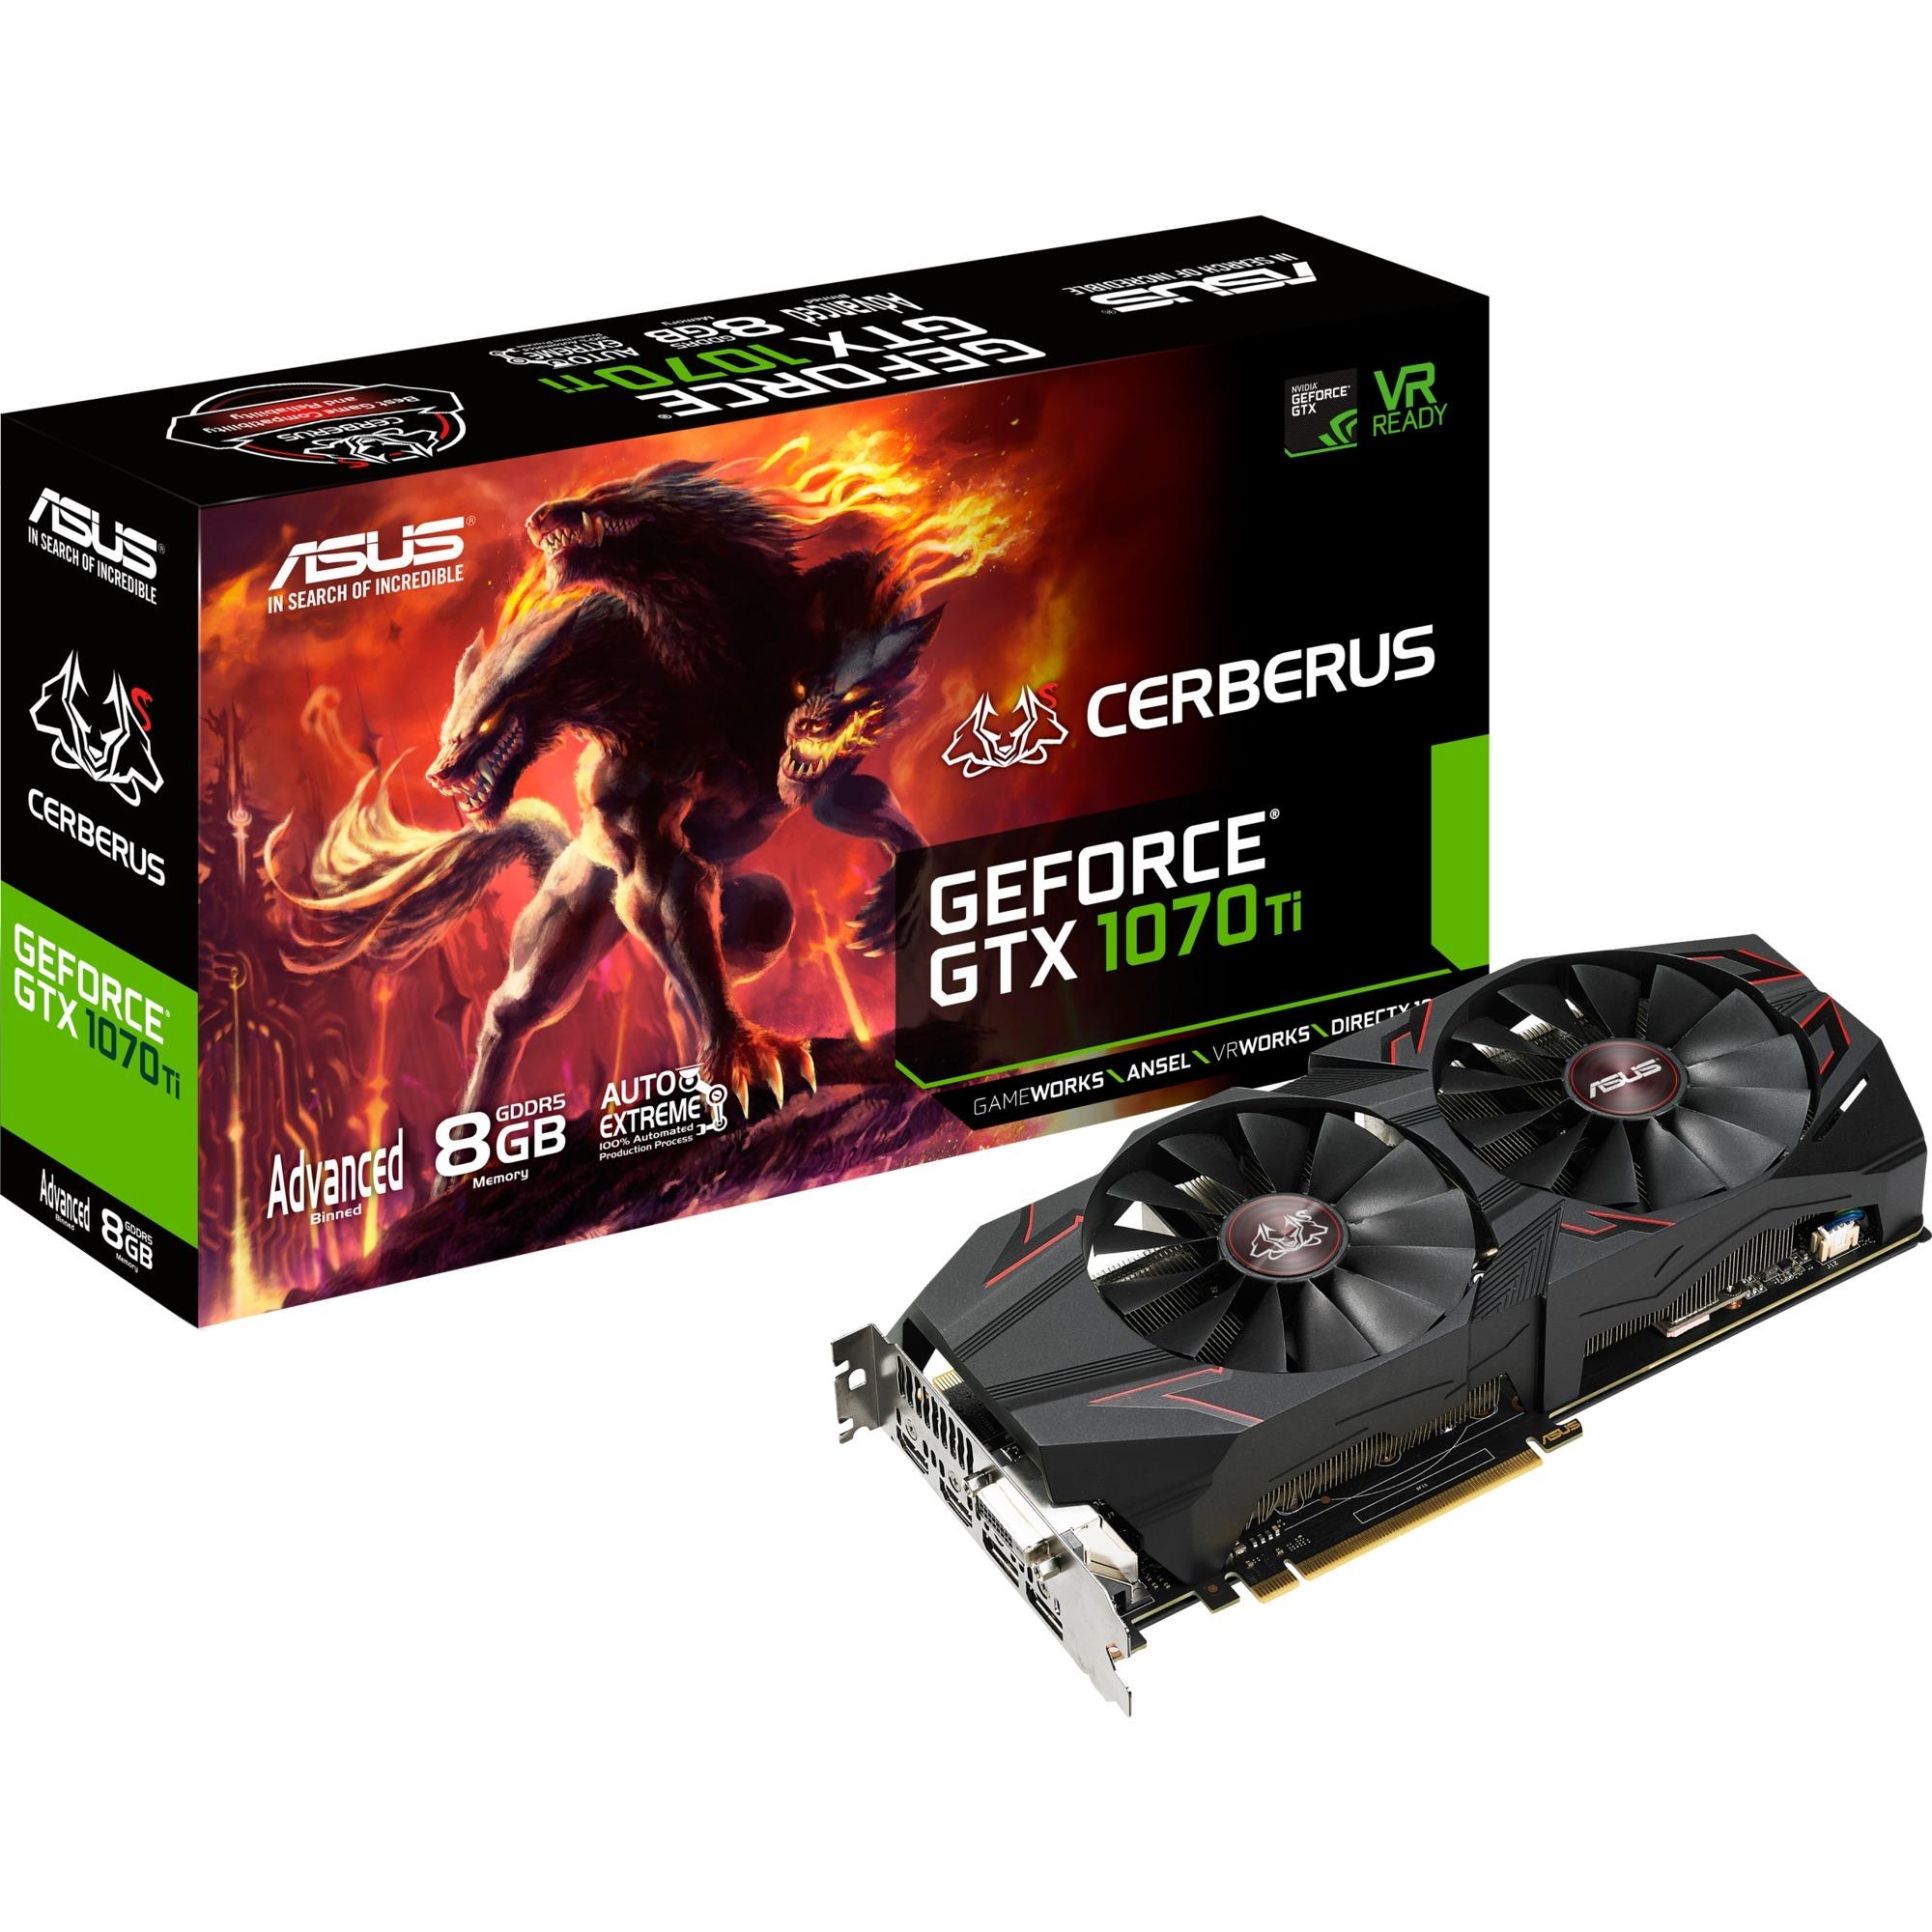 CERBERUS-GTX1070TI-A8G GeForce GTX 1070 Ti 8Go GDDR5, Carte graphique